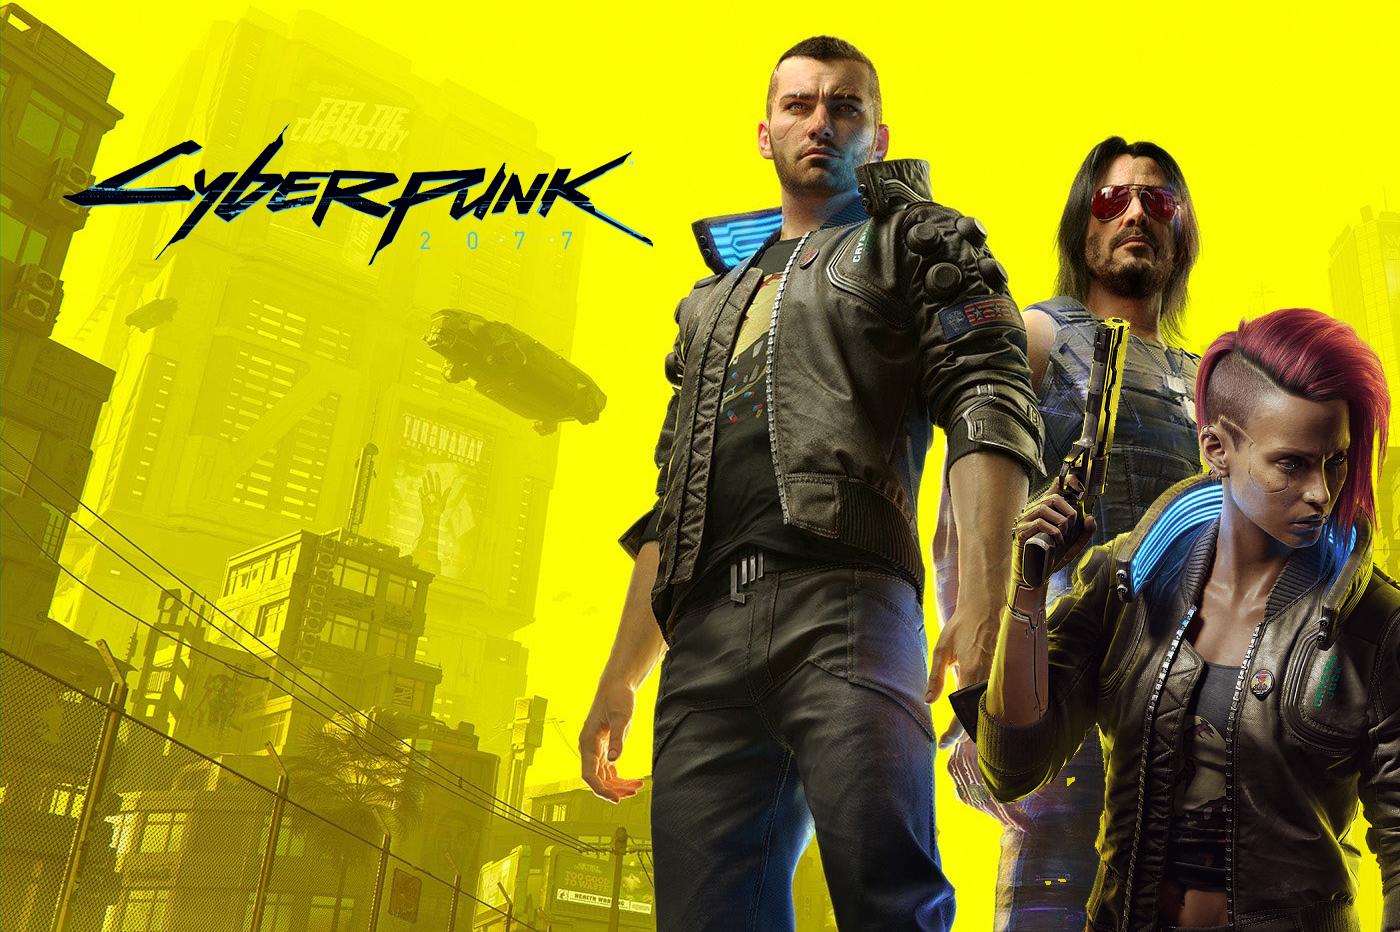 《電馭叛客2077》裡面的Cyberpunk「賽博龐克 」到底是什麼? 4